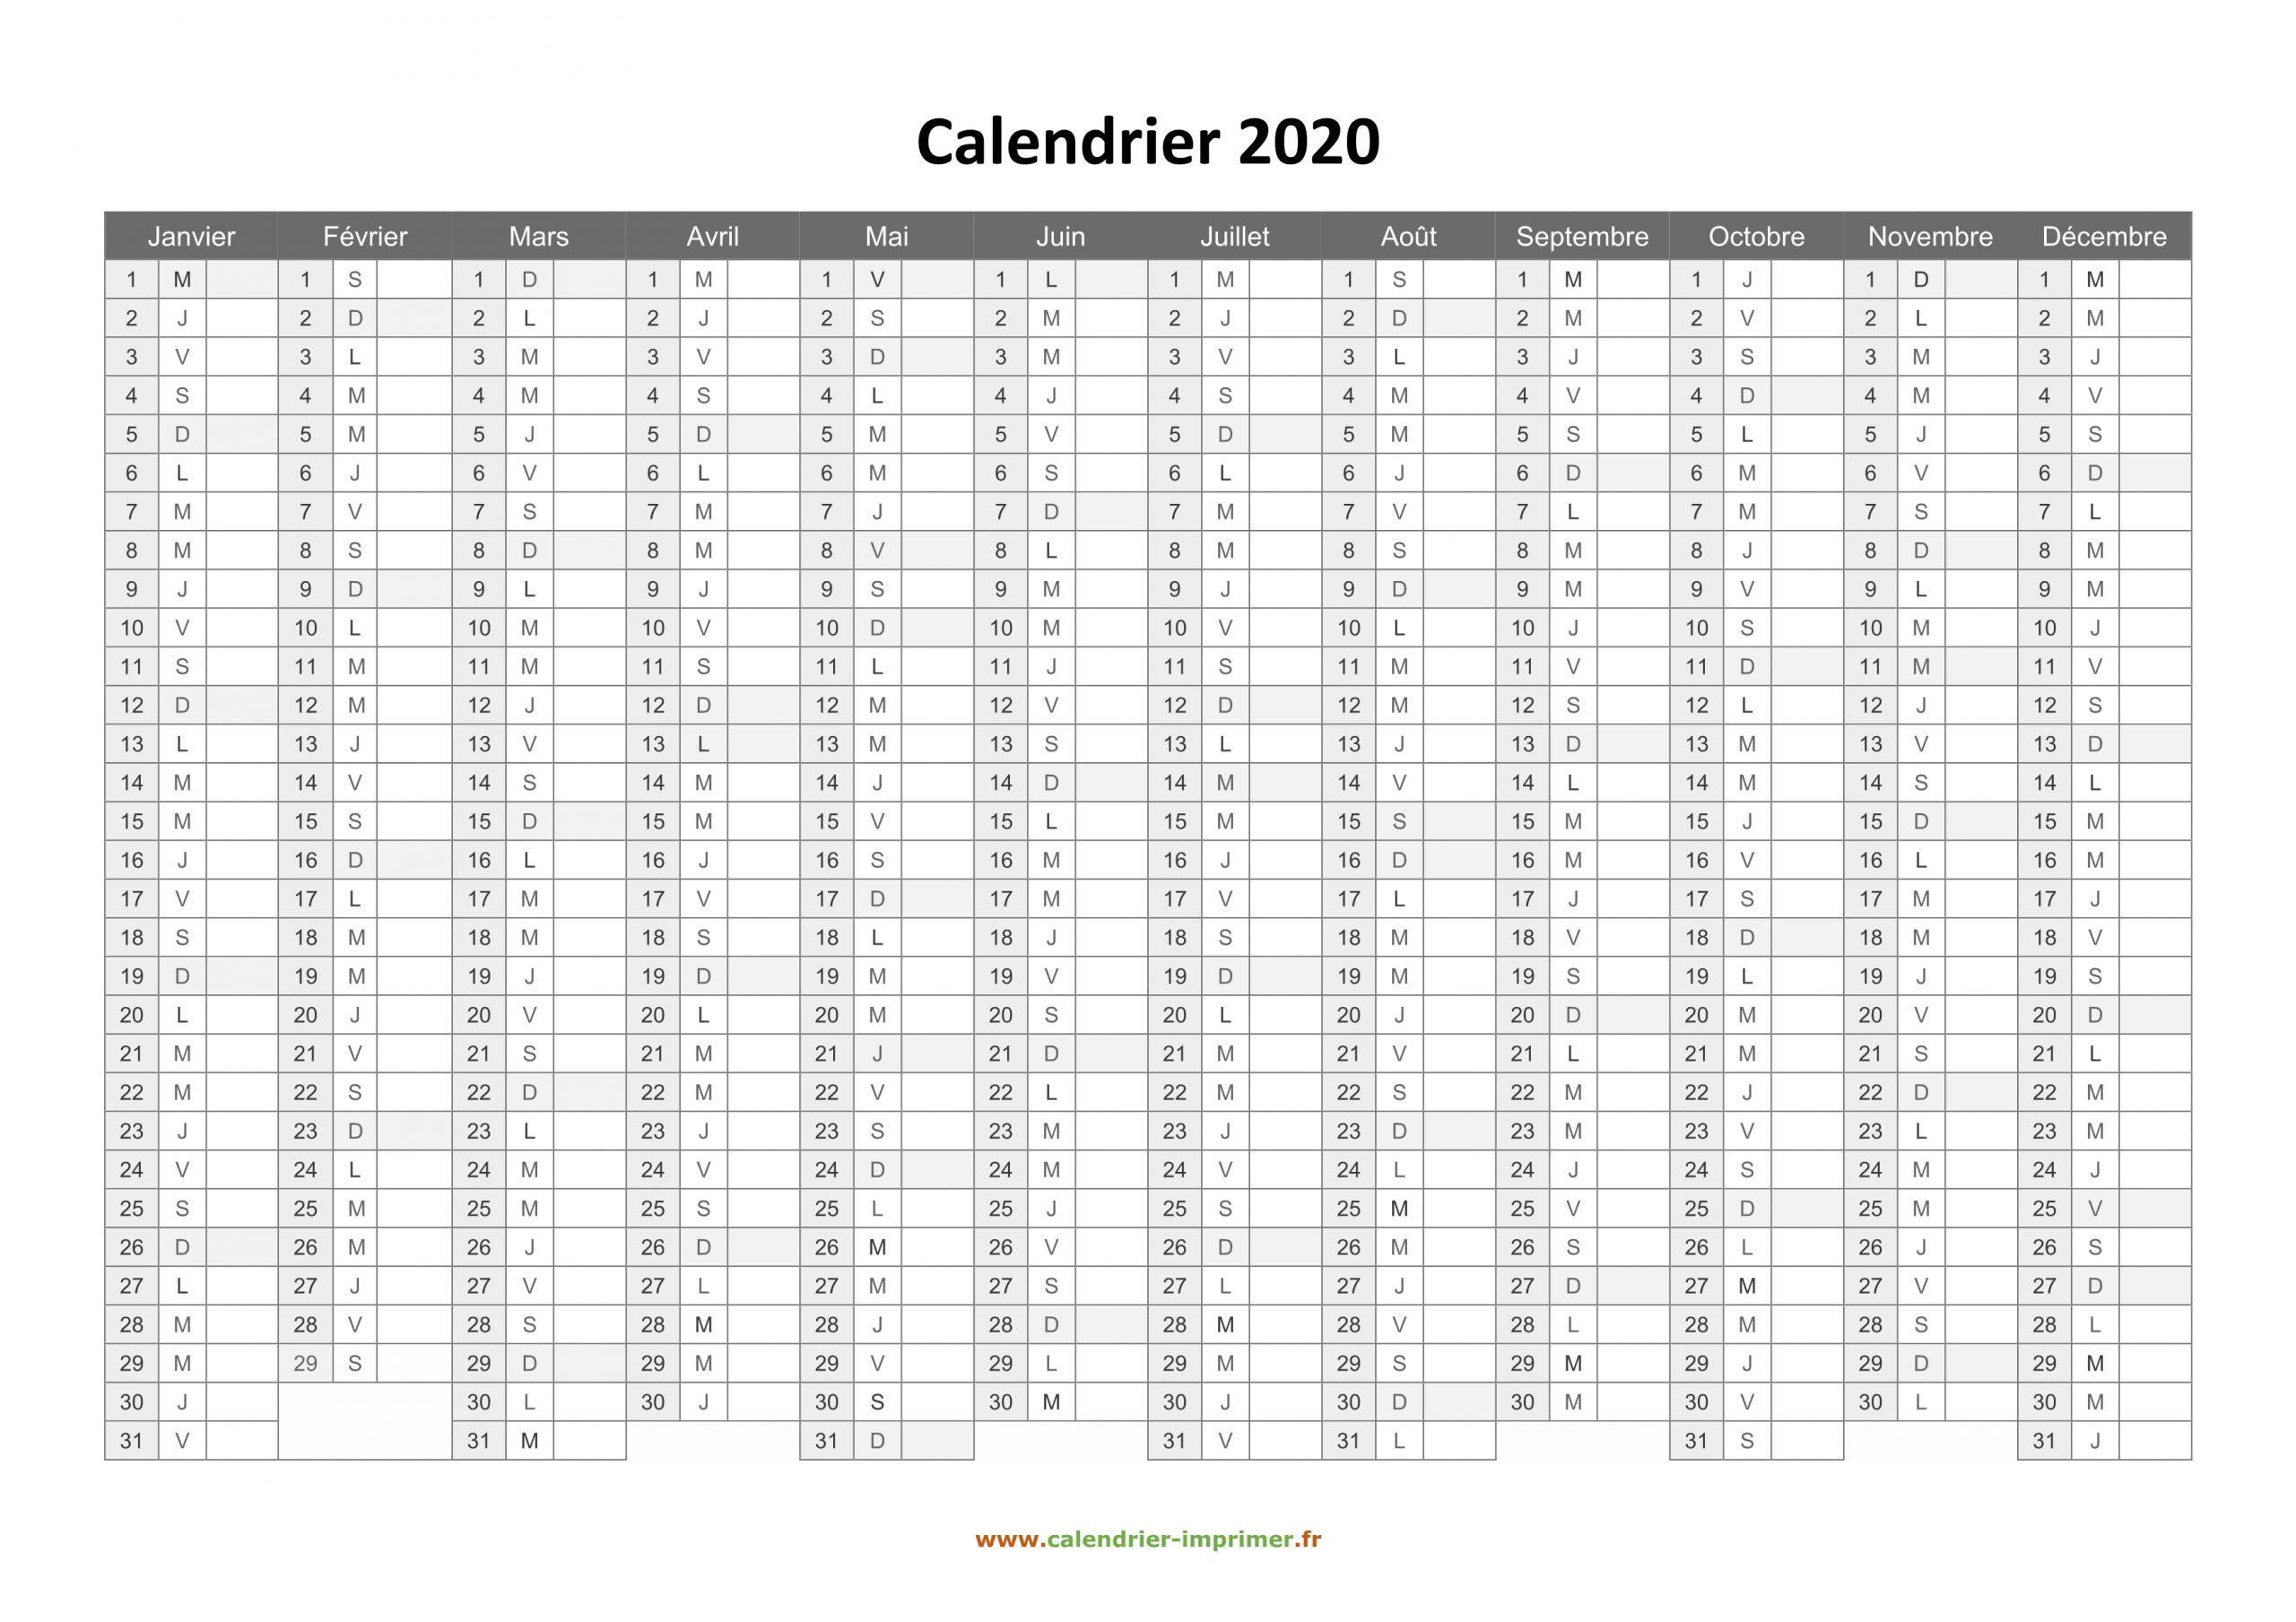 Calendrier 2020 À Imprimer Gratuit tout Calendrier 2018 Avec Jours Fériés Vacances Scolaires À Imprimer